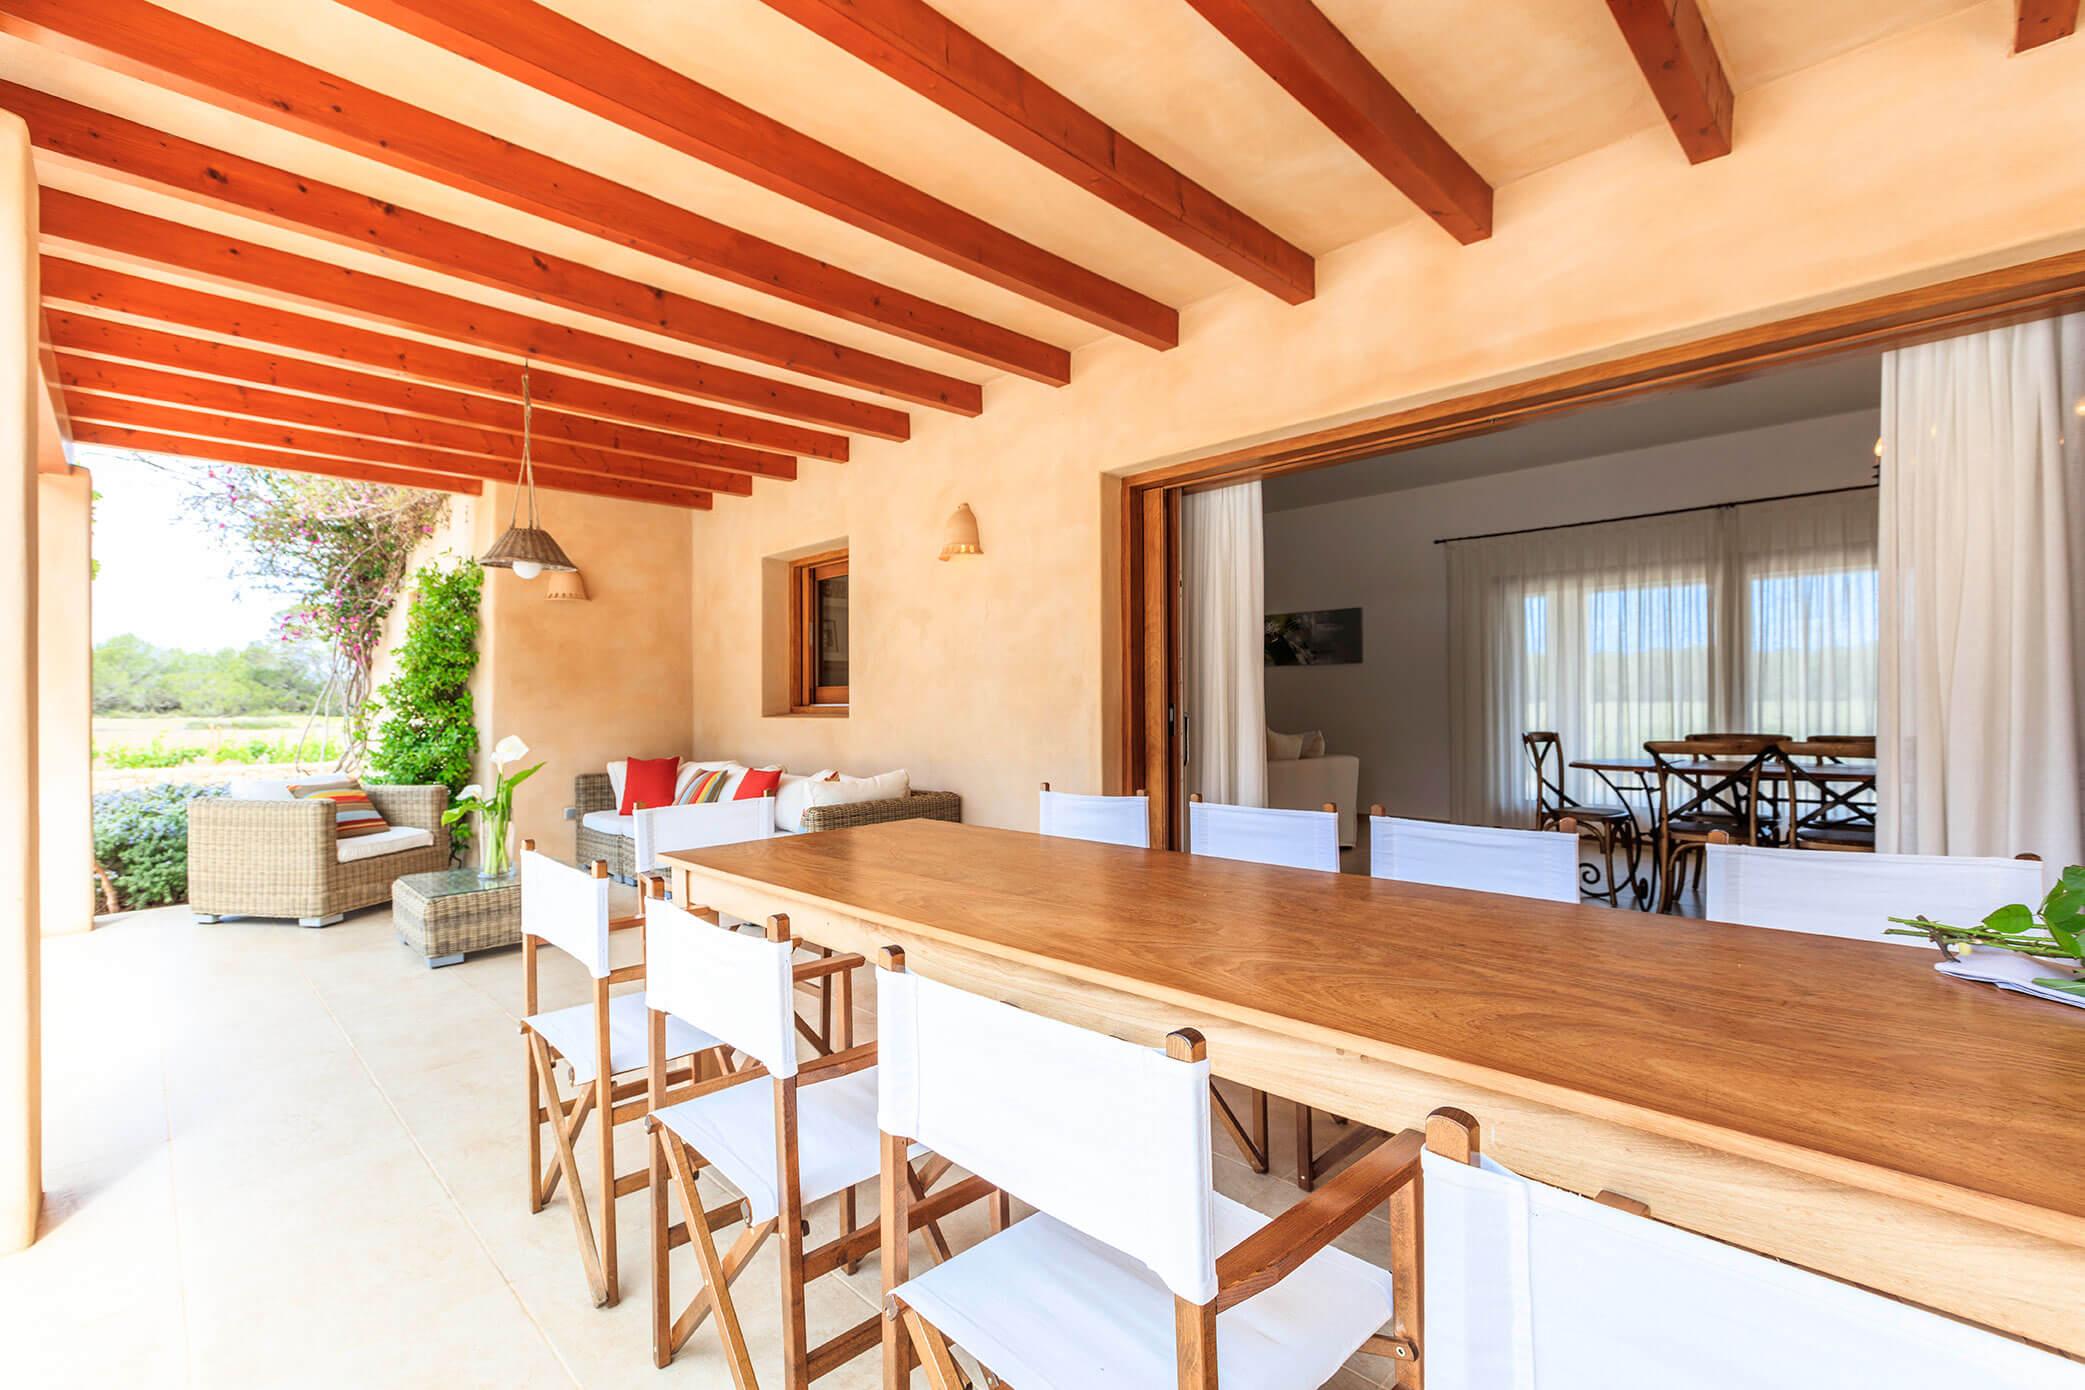 Terraza villa Can Cardona en Formentera con jardín y piscina. Alojamientos turísticos Cardona